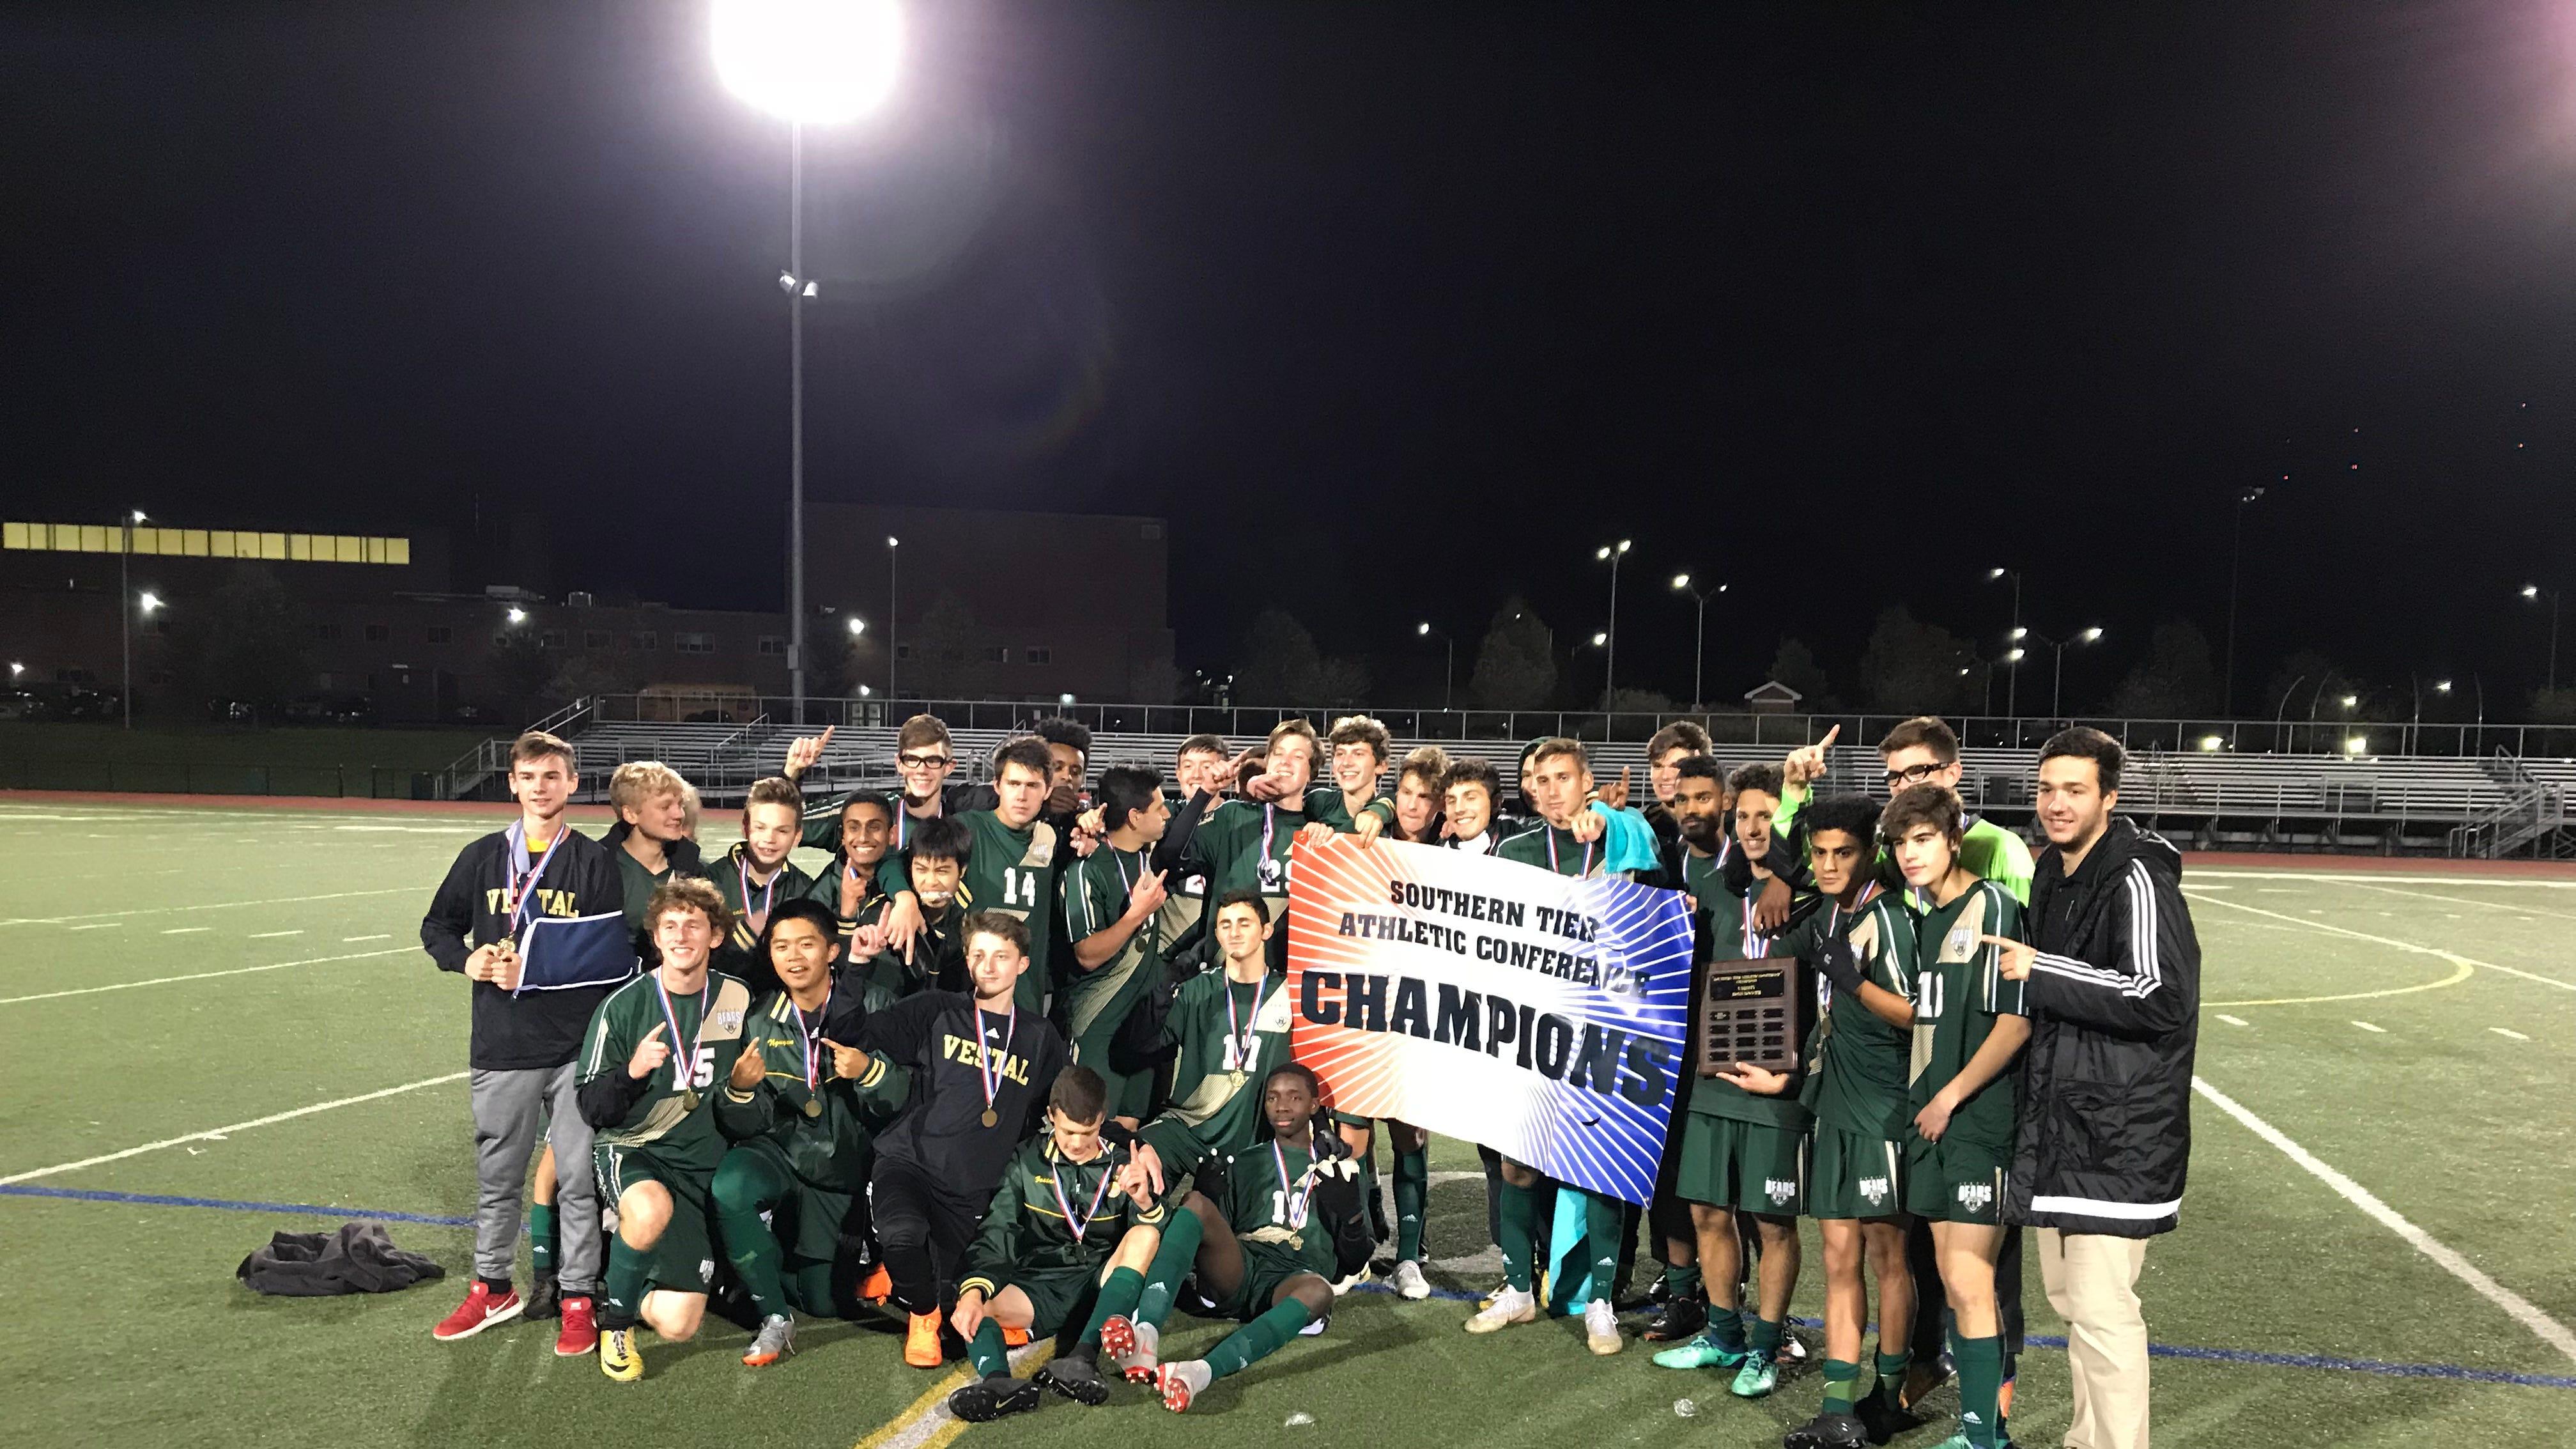 Vestal Golden Bears, 2018 STAC soccer champions.